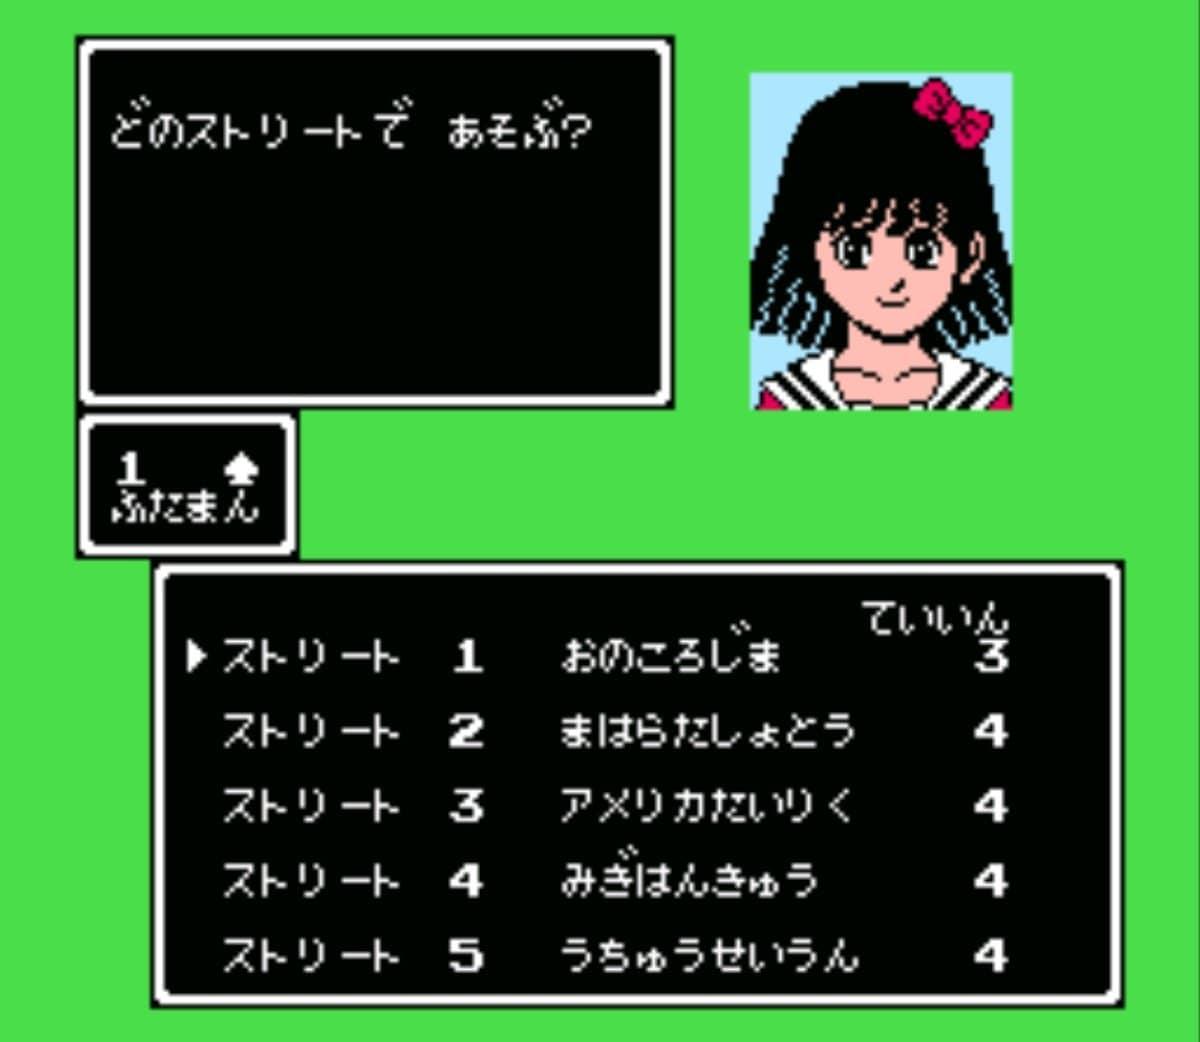 桃鉄だけじゃない、ファミコン芸人・フジタが選ぶみんながハマった「すごろくゲーム」といえばコレ!の画像005